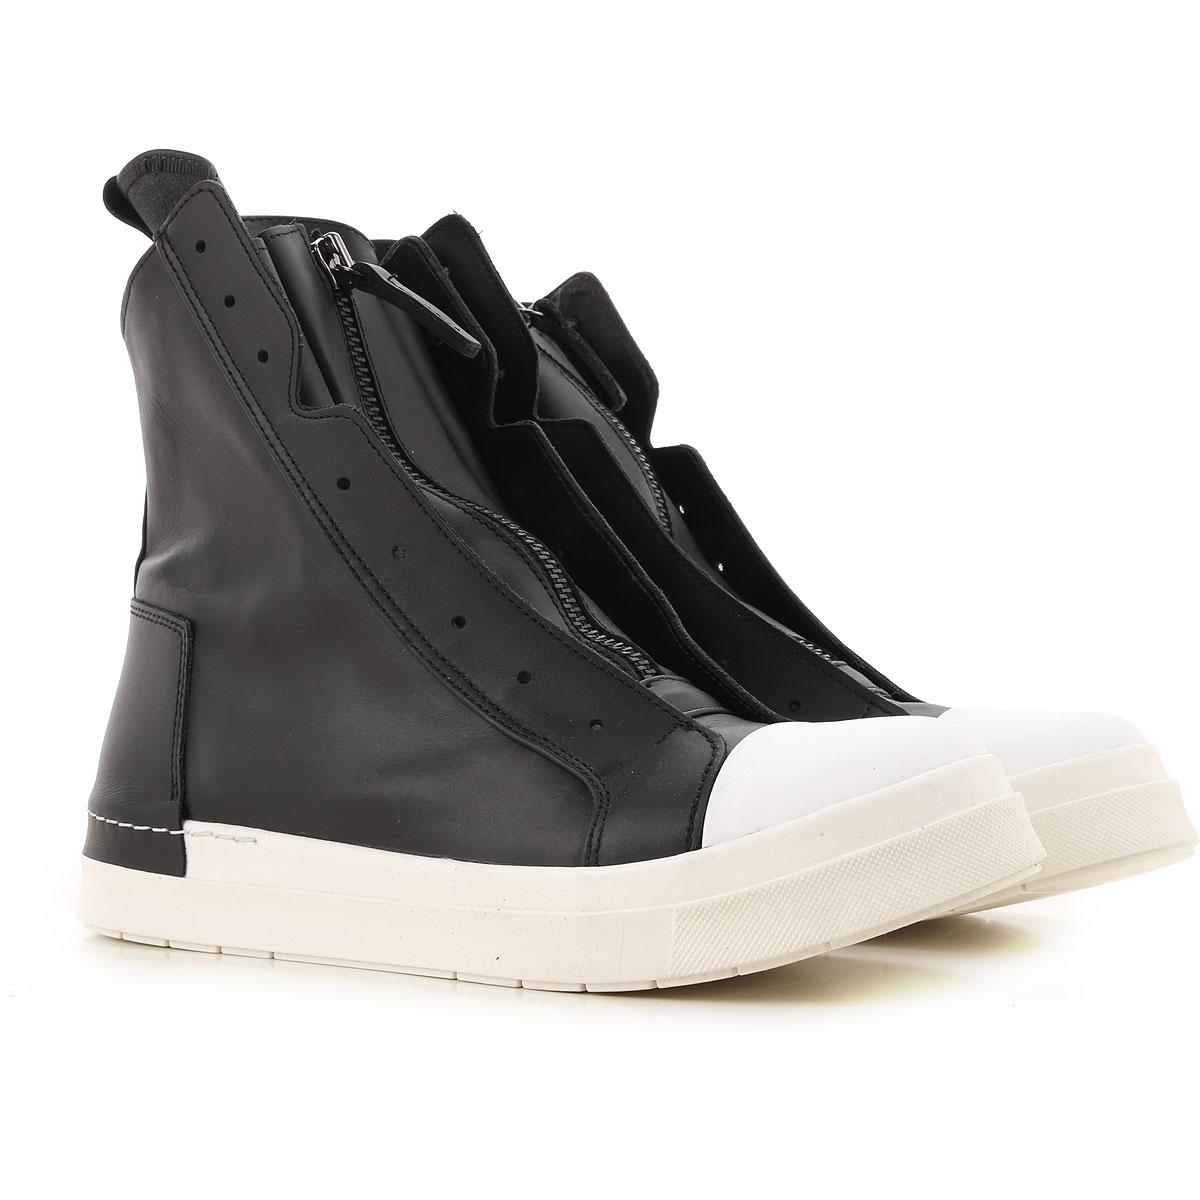 Cinzia Araia Sneaker Homme Pas cher en Soldes, Noir, Cuir, 2019, 40 41 44